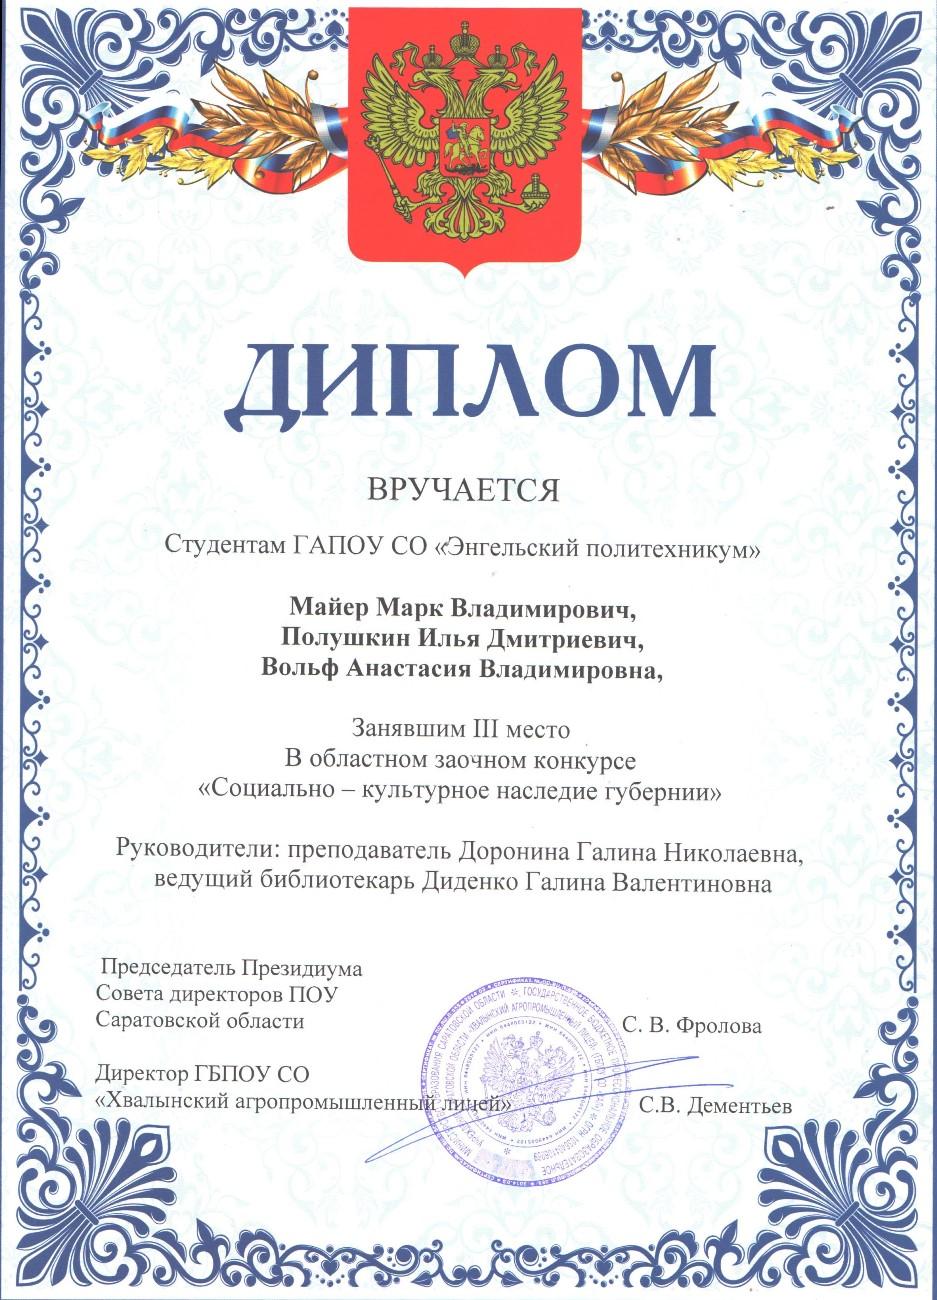 http://politehnikum-eng.ru/2018/05_23/54.jpg